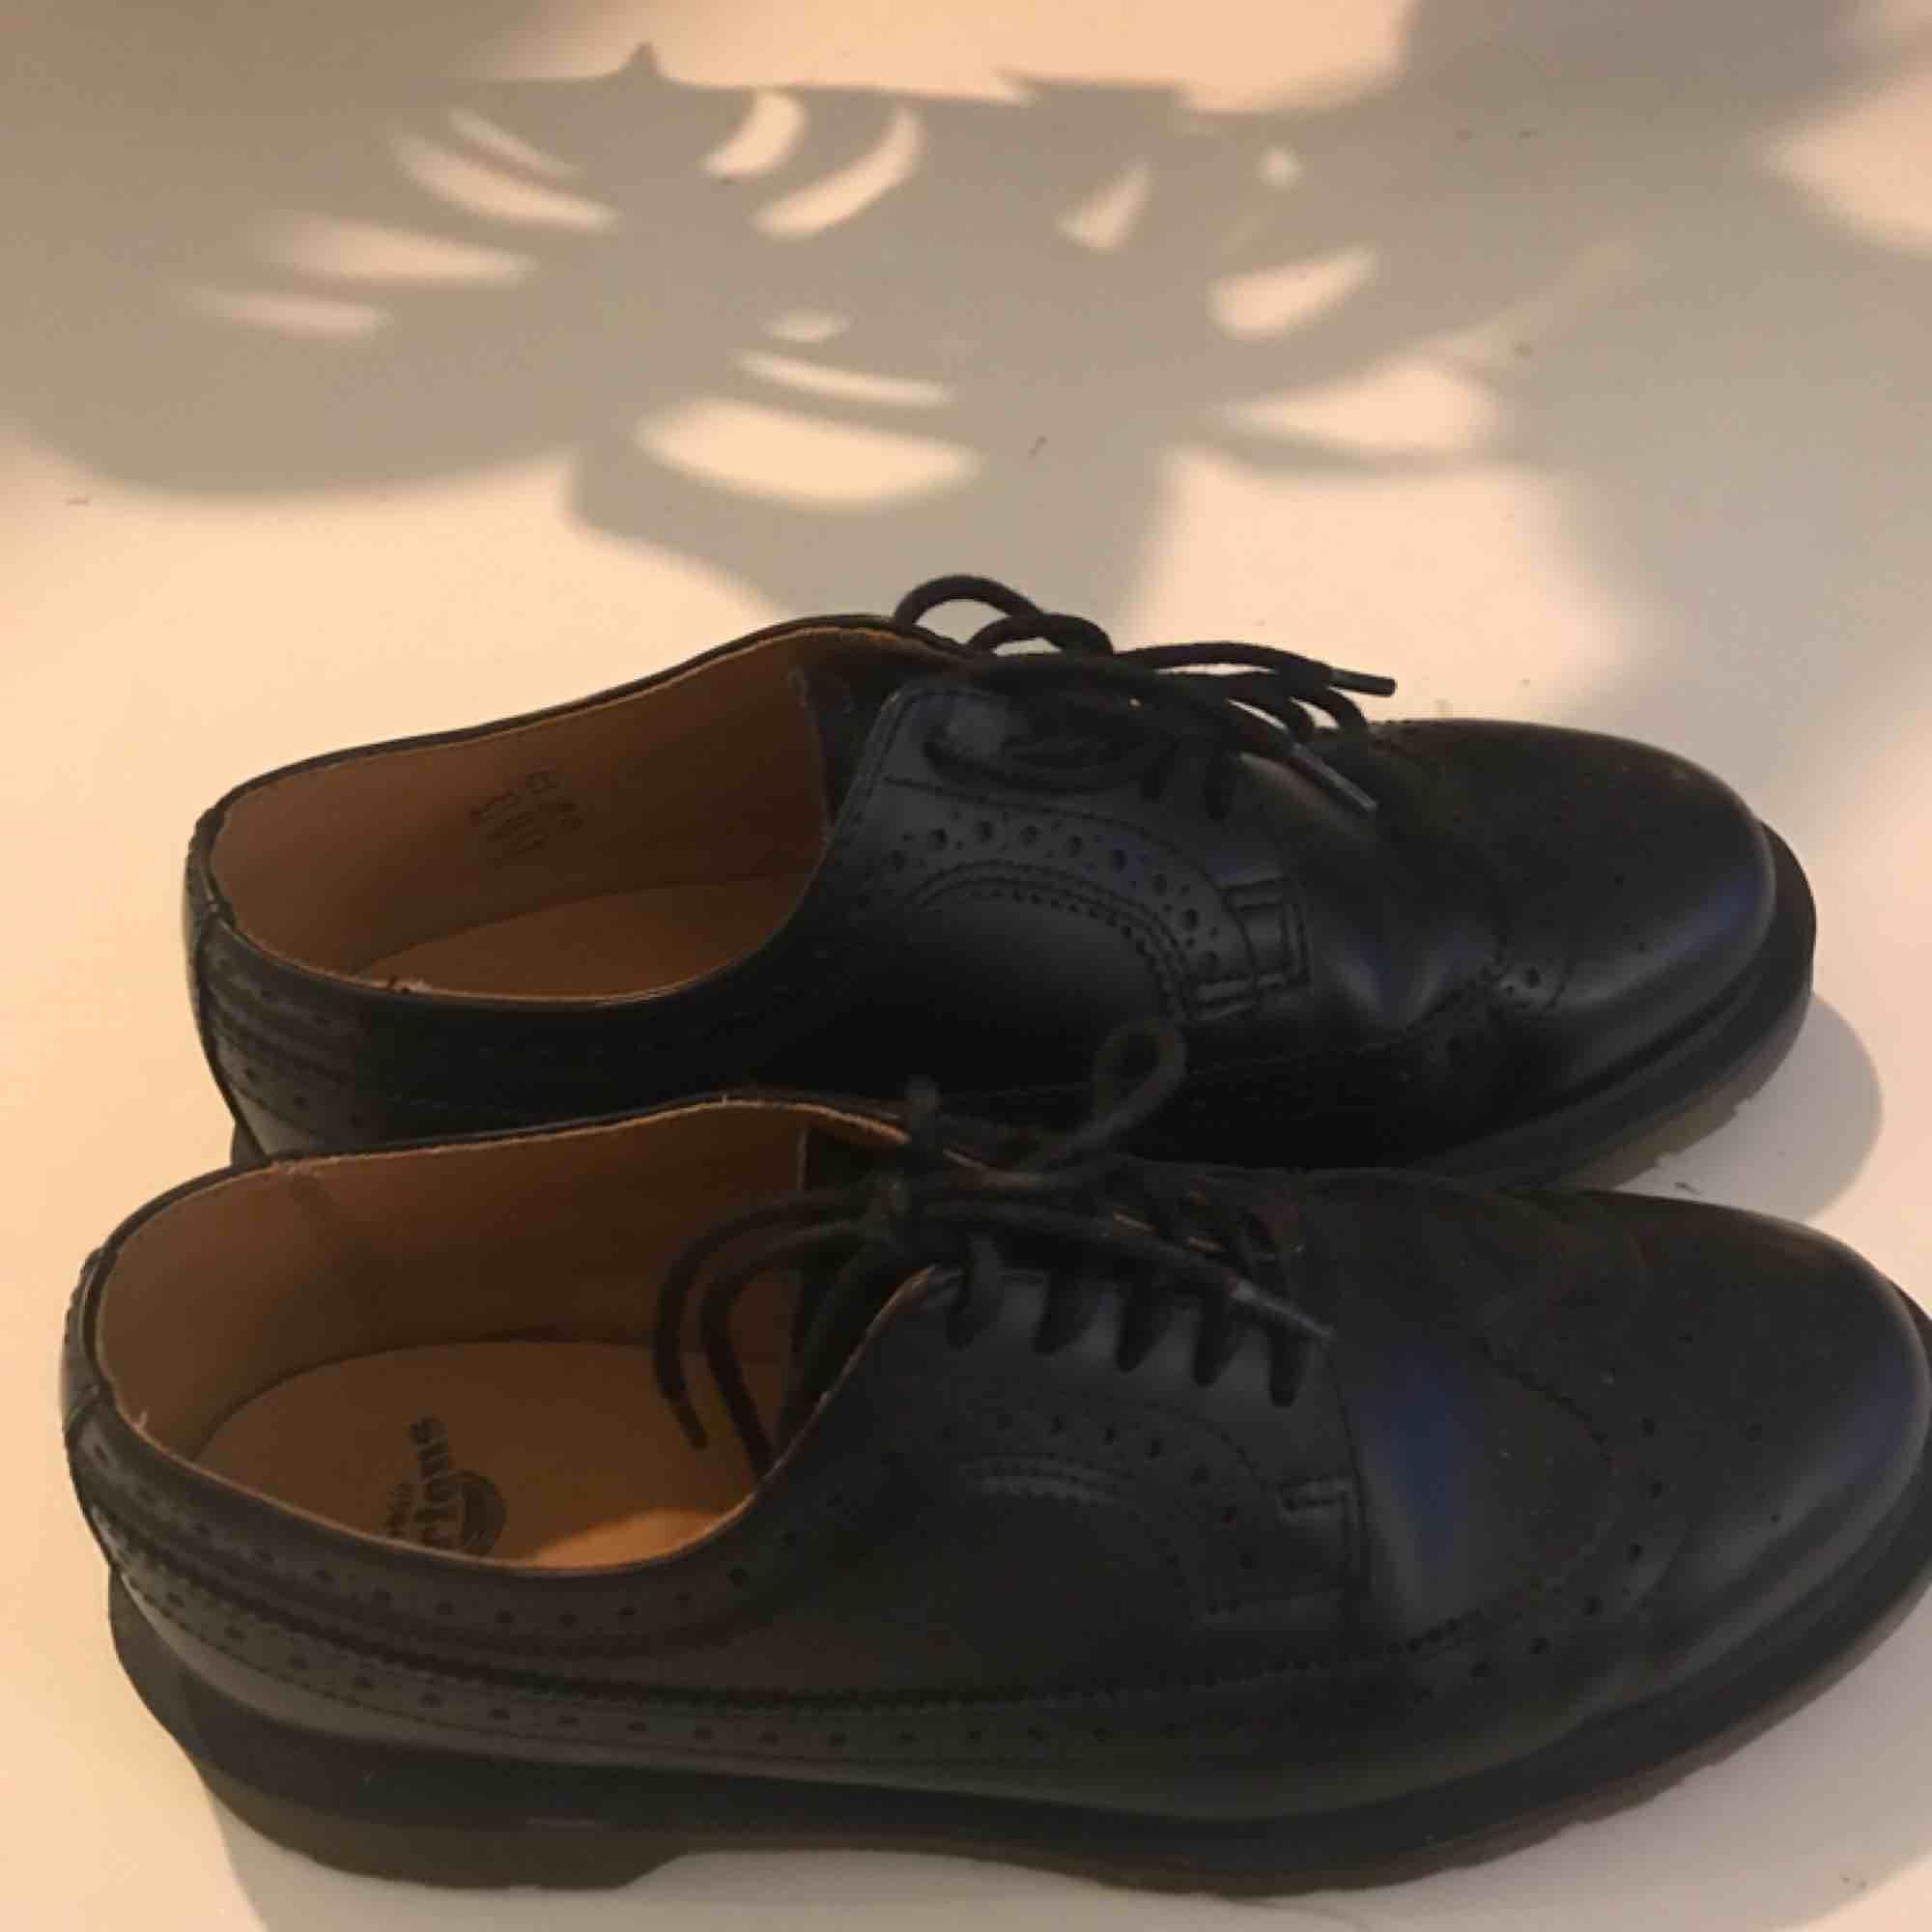 Så fina dr martens i modellen 3989. Köpta förra vintern men använda endast fåtal gånger då de ej passar:( har ett litet skrapmärke på ena skon (2:a bilden). Nypris: 1600kr. Skor.